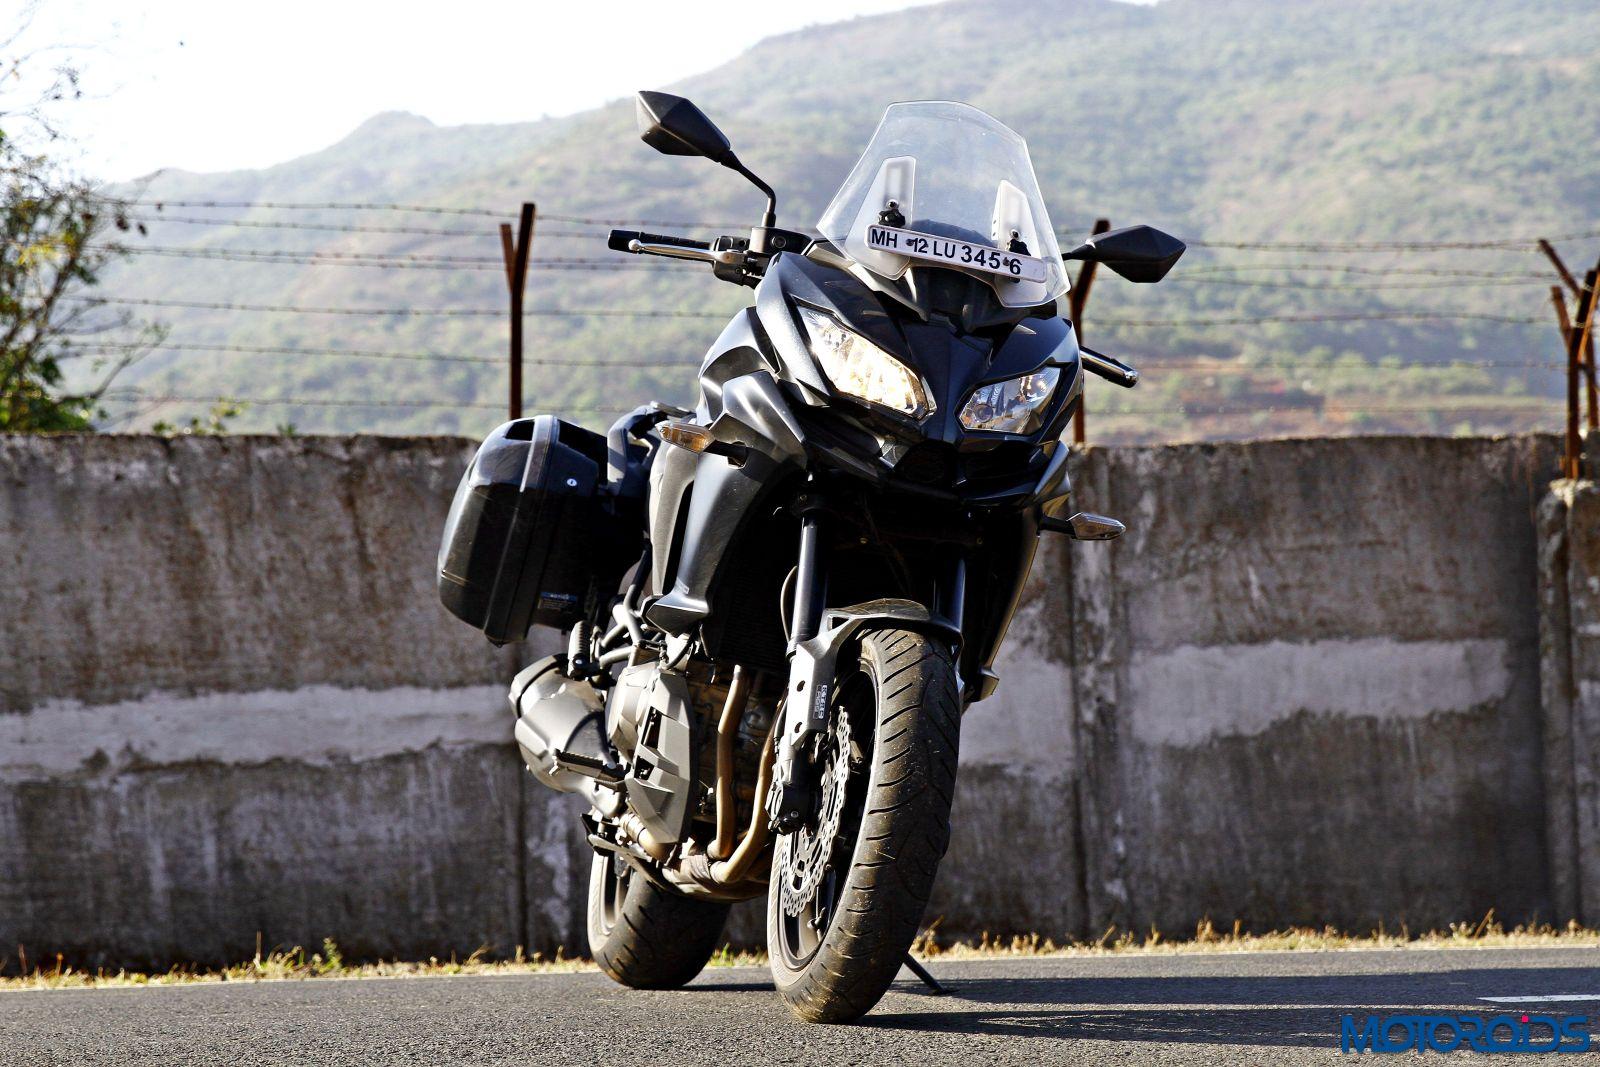 2015 Kawasaki Versys 1000 front